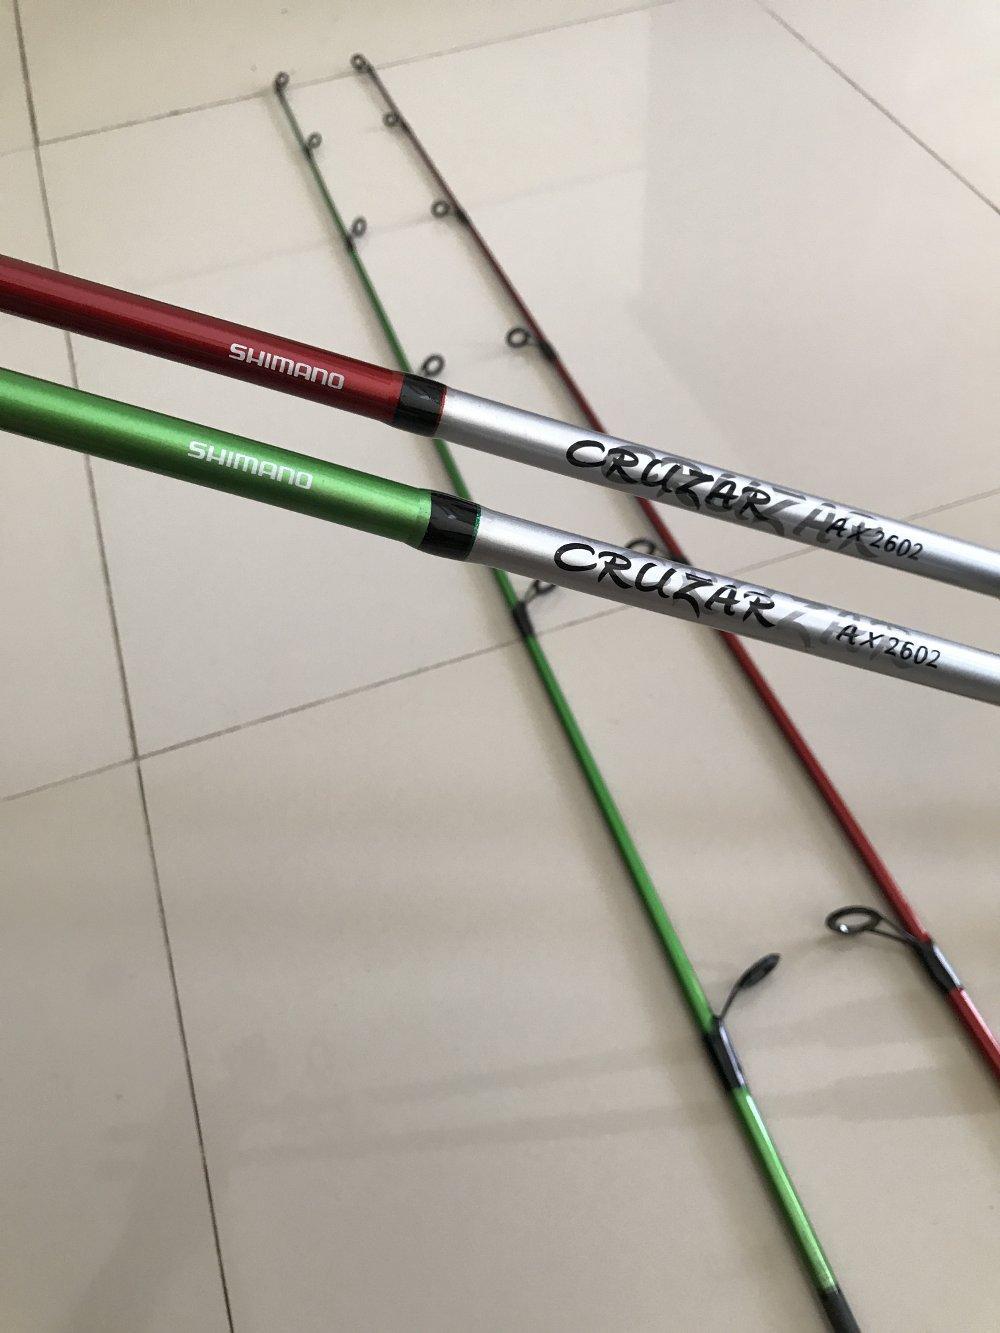 Joran Shimano cruzar carbon 180 cm Original  TERBARU BOS PANCING zerya_fishing